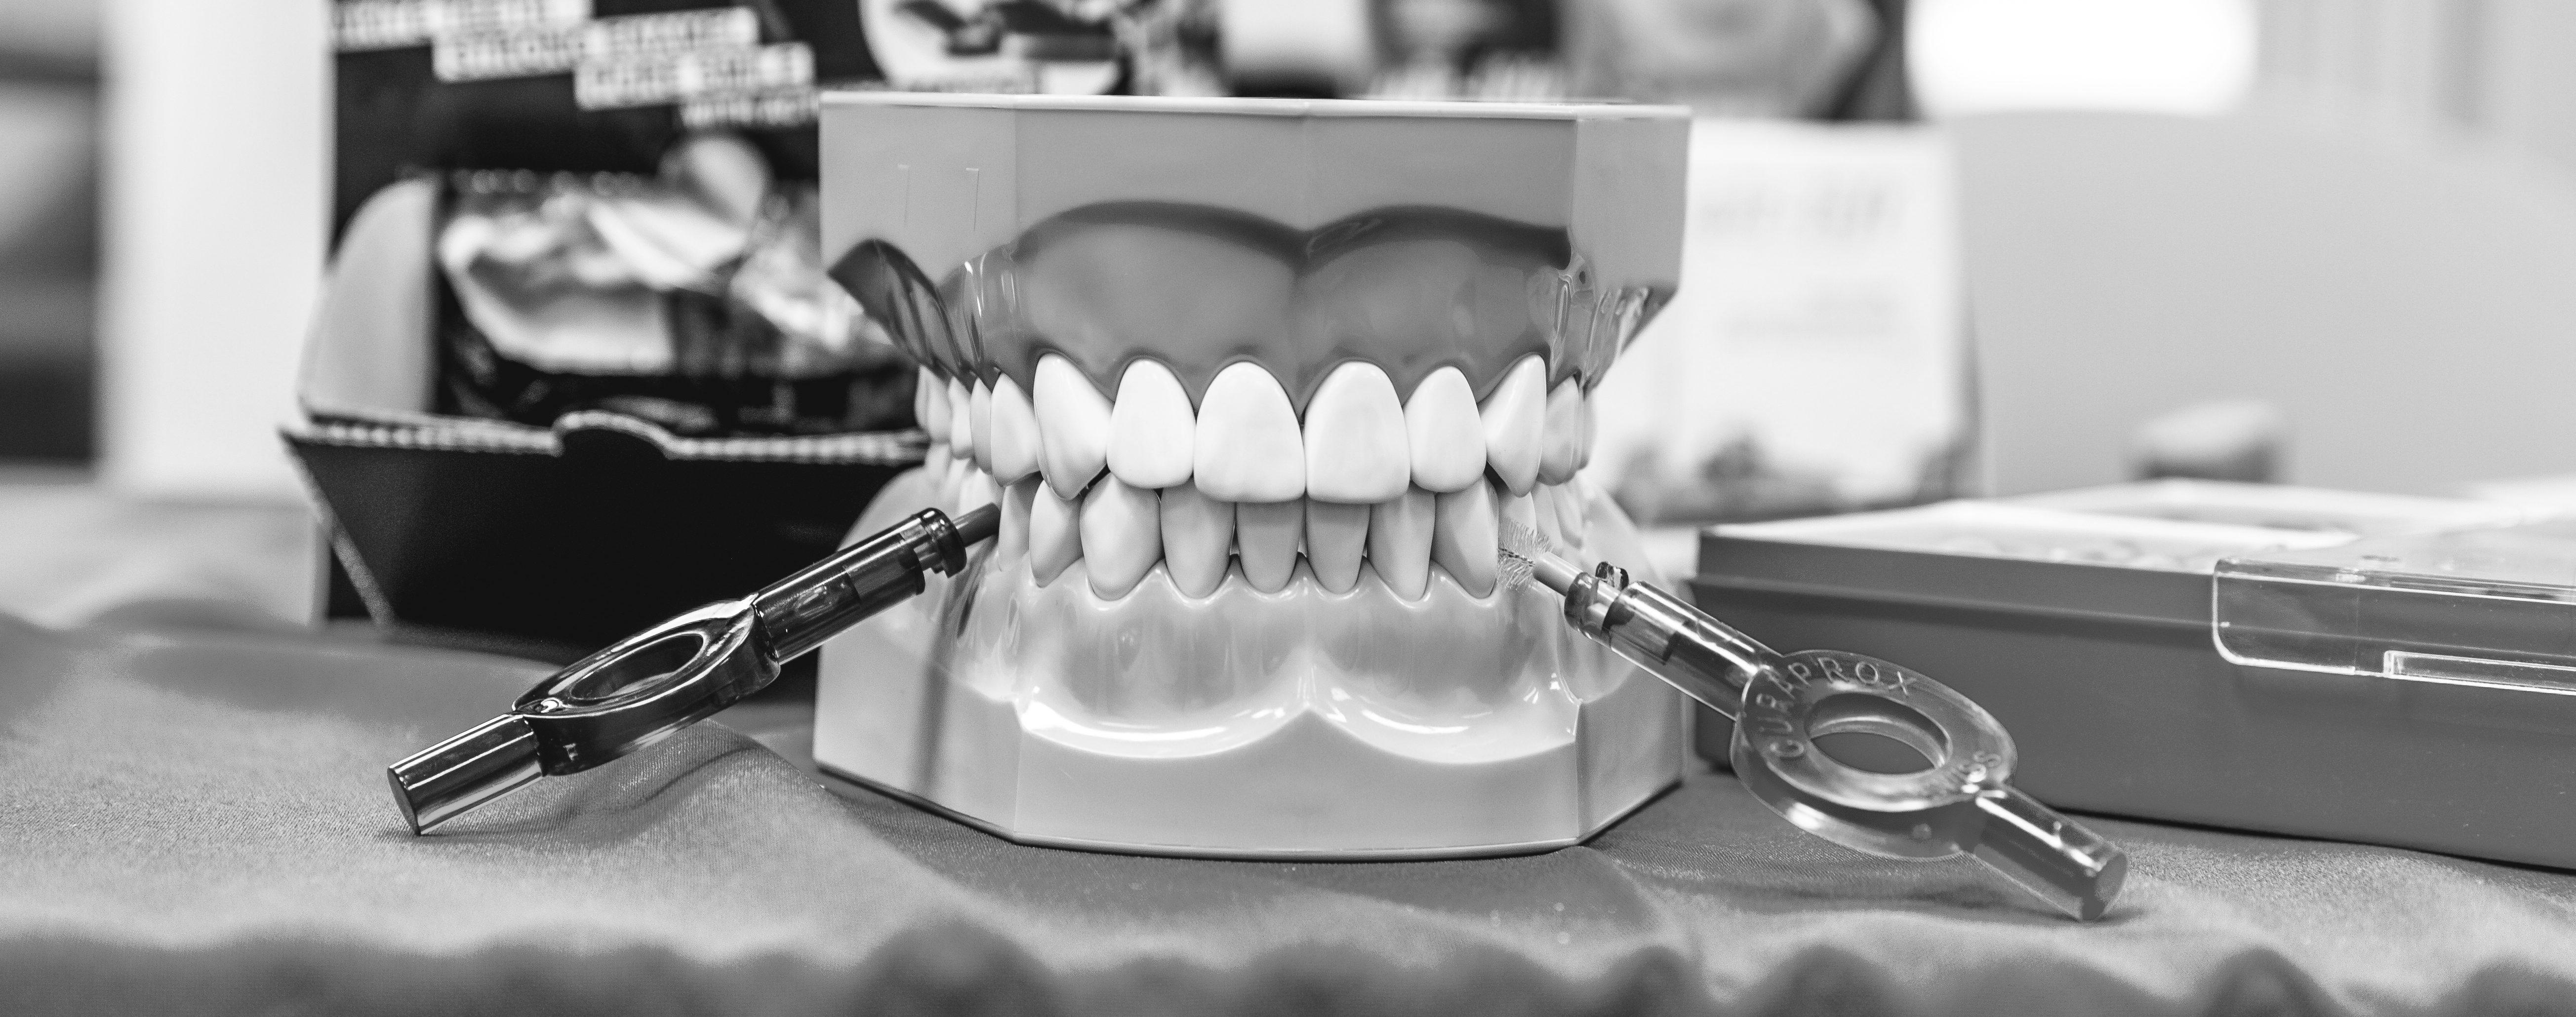 VDDH Verband Deutscher Dentalhygieniker